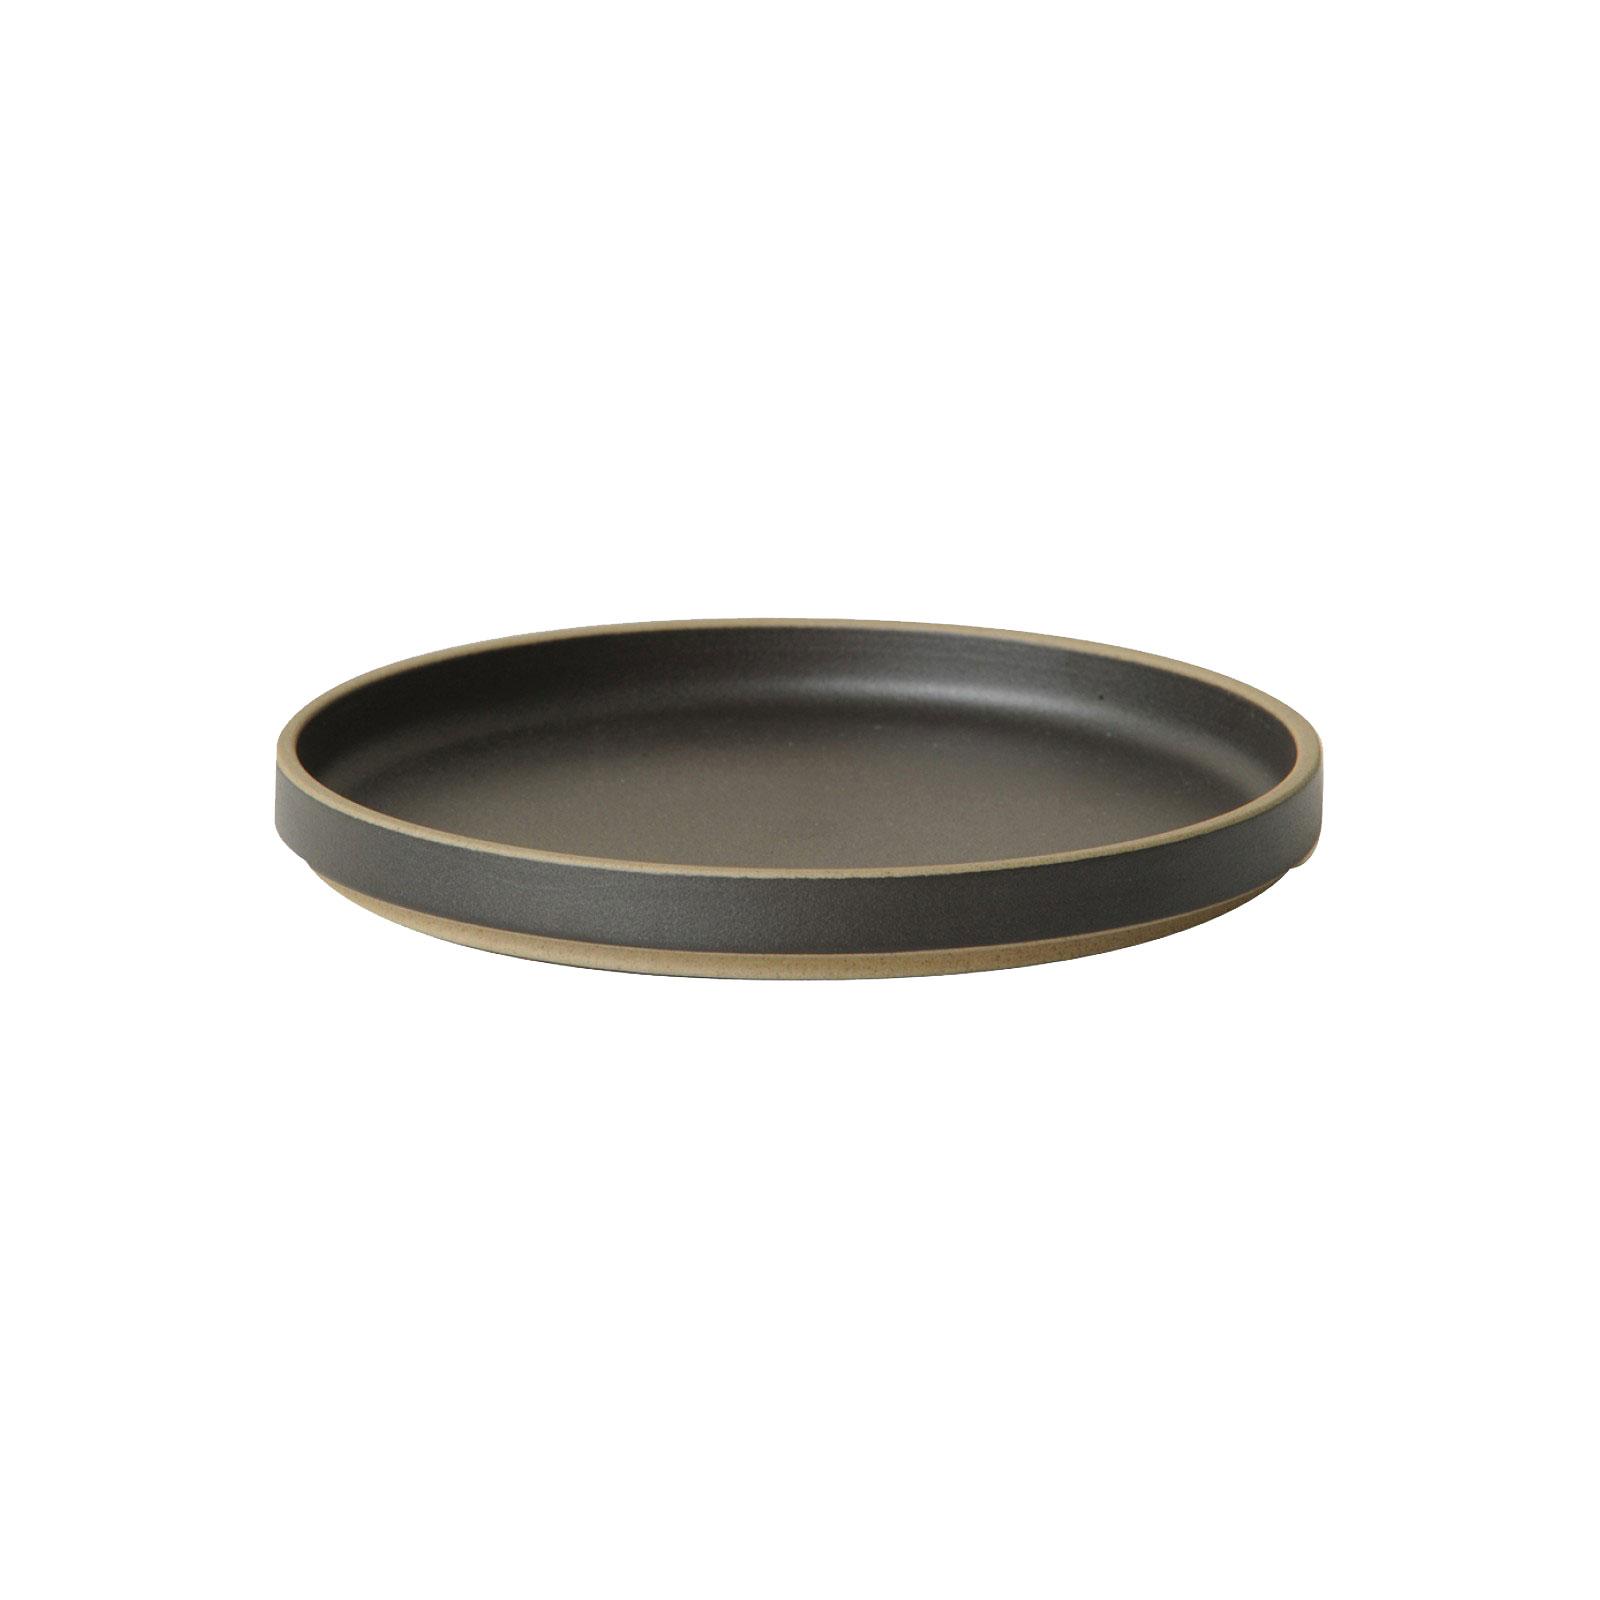 HPB003 Hasami Plate black Ø 18,5 cm